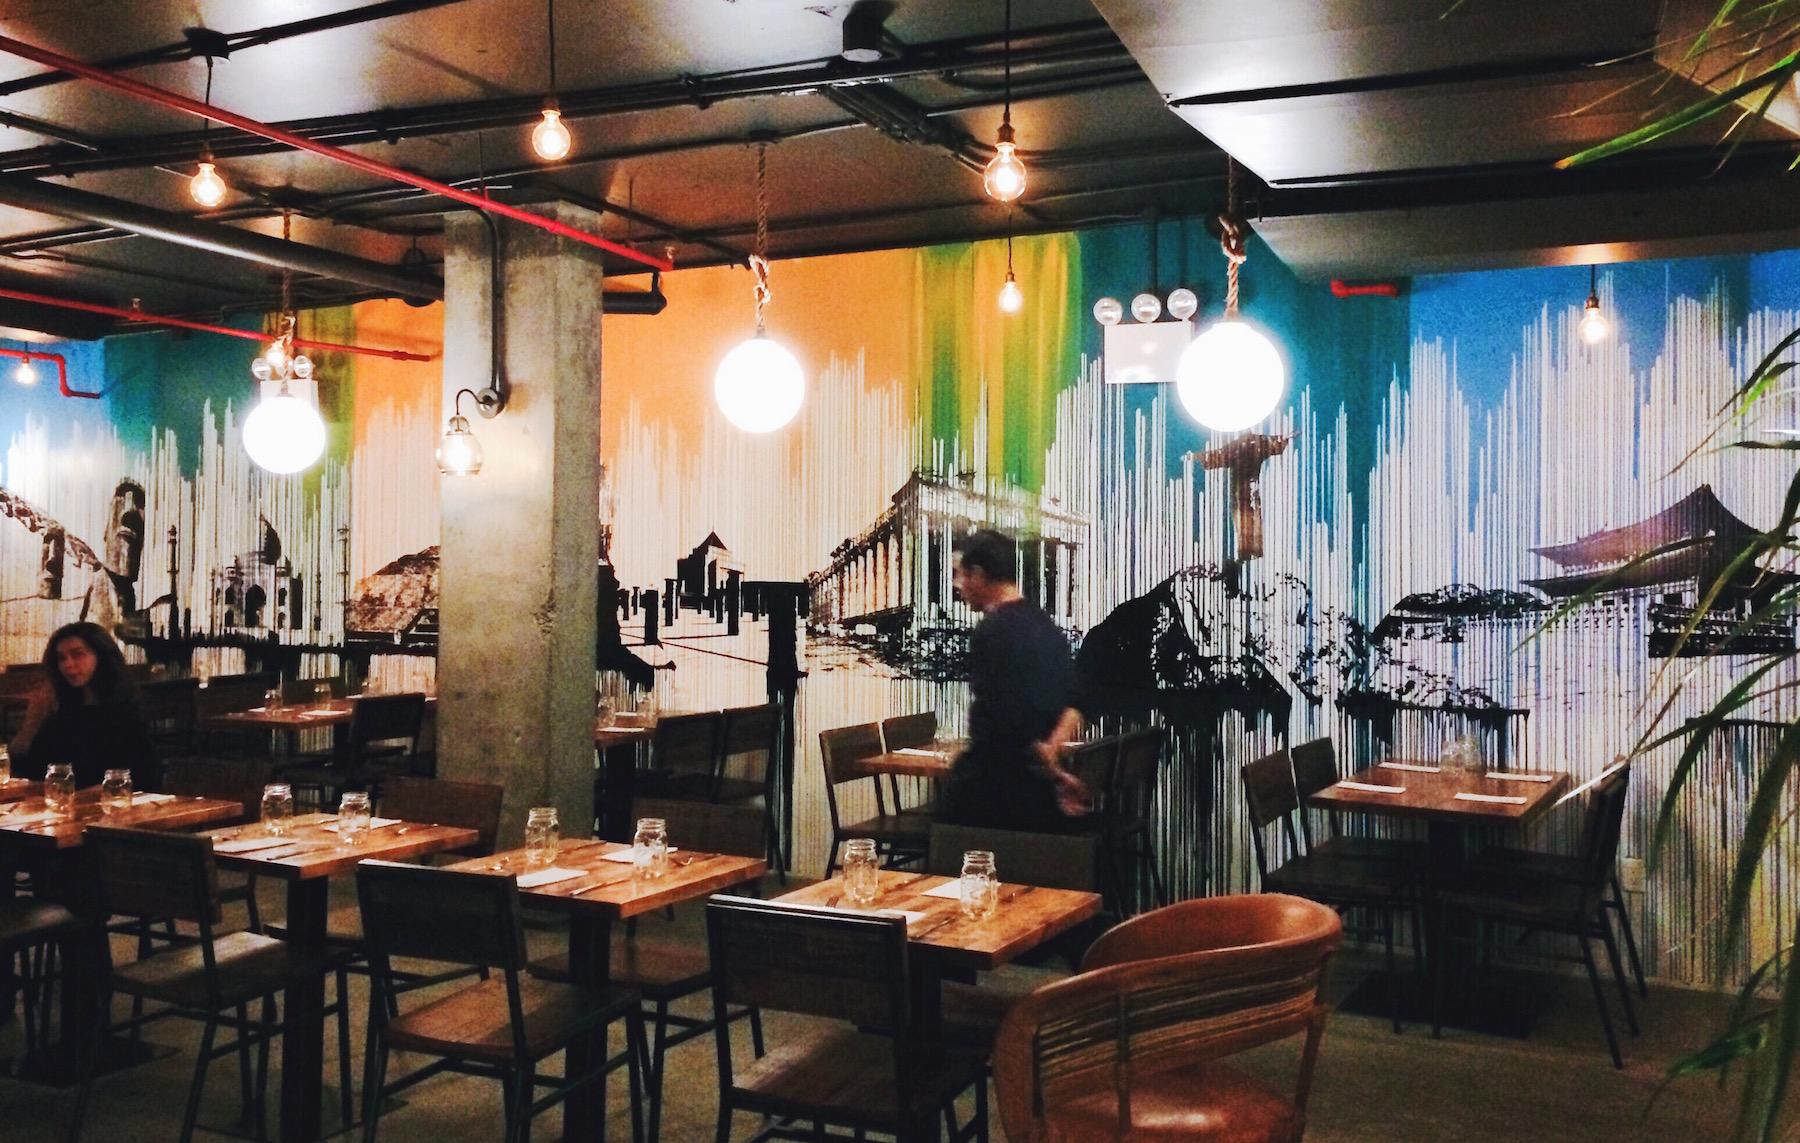 streets bk restaurant mural varenka ruiz